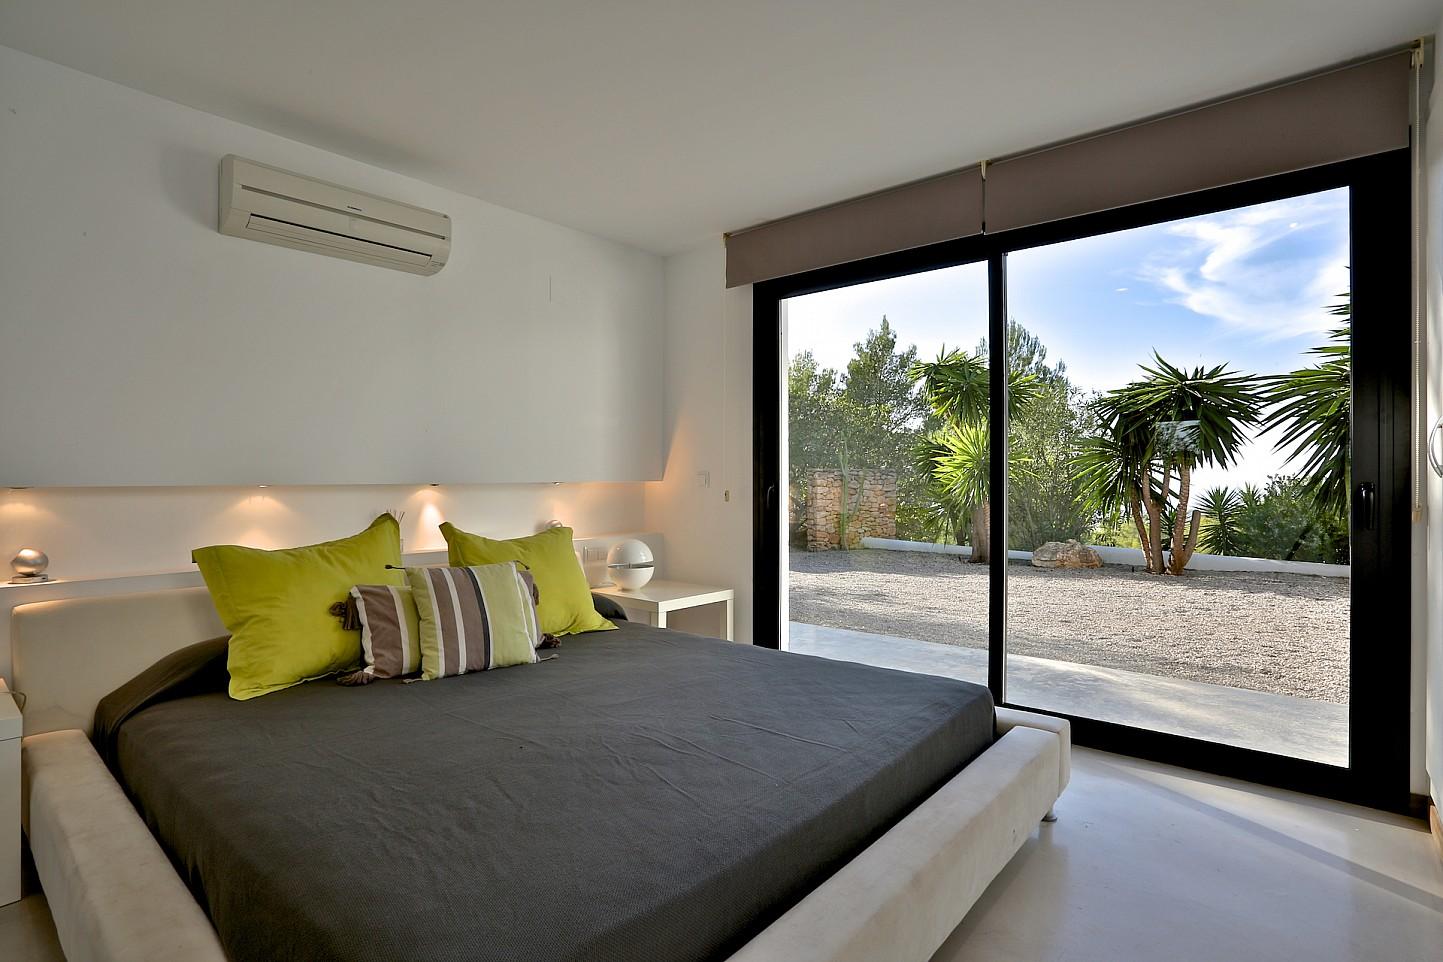 Солнечная спальня виллы в аренду в Кала Тарида